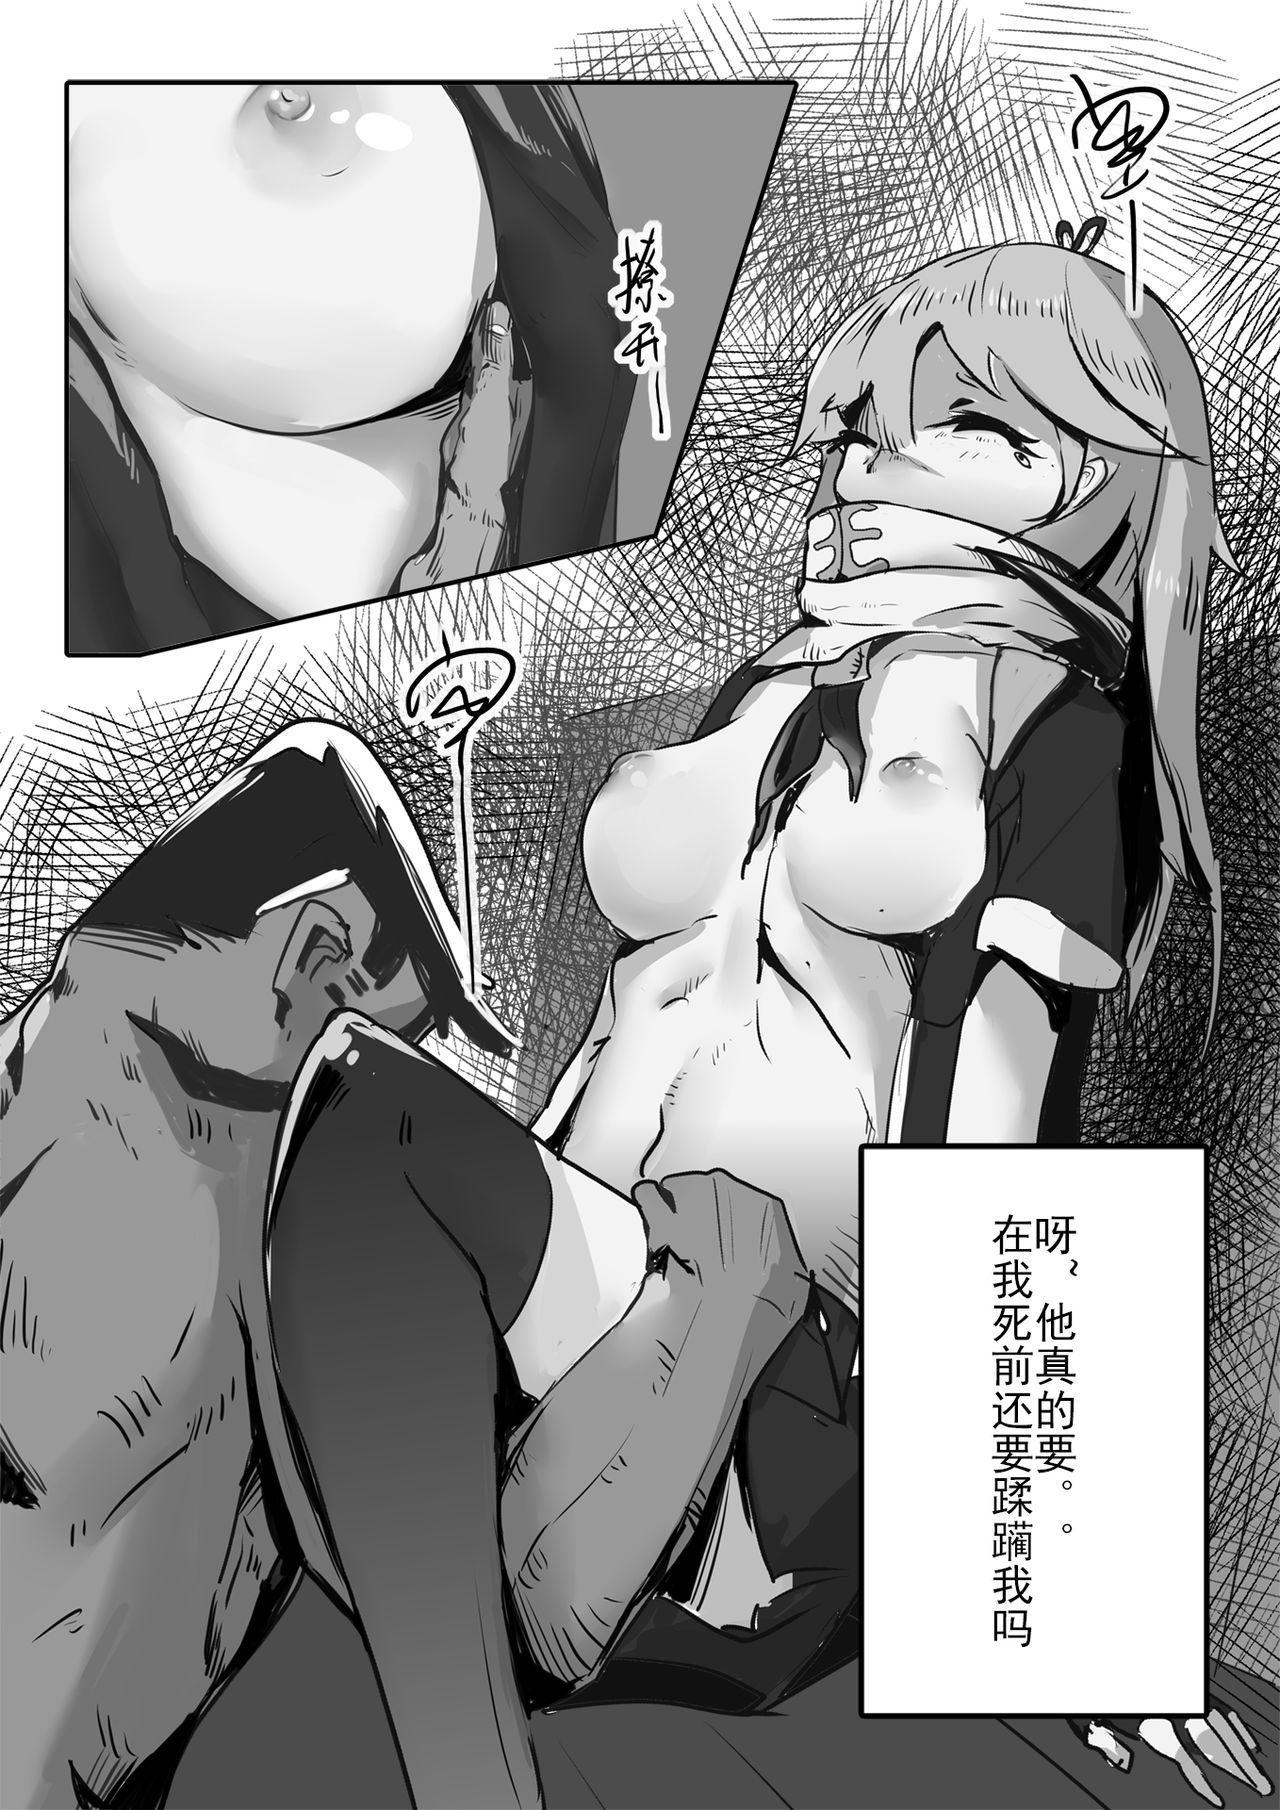 Killing Start Zennmenn Shutsugeki 51